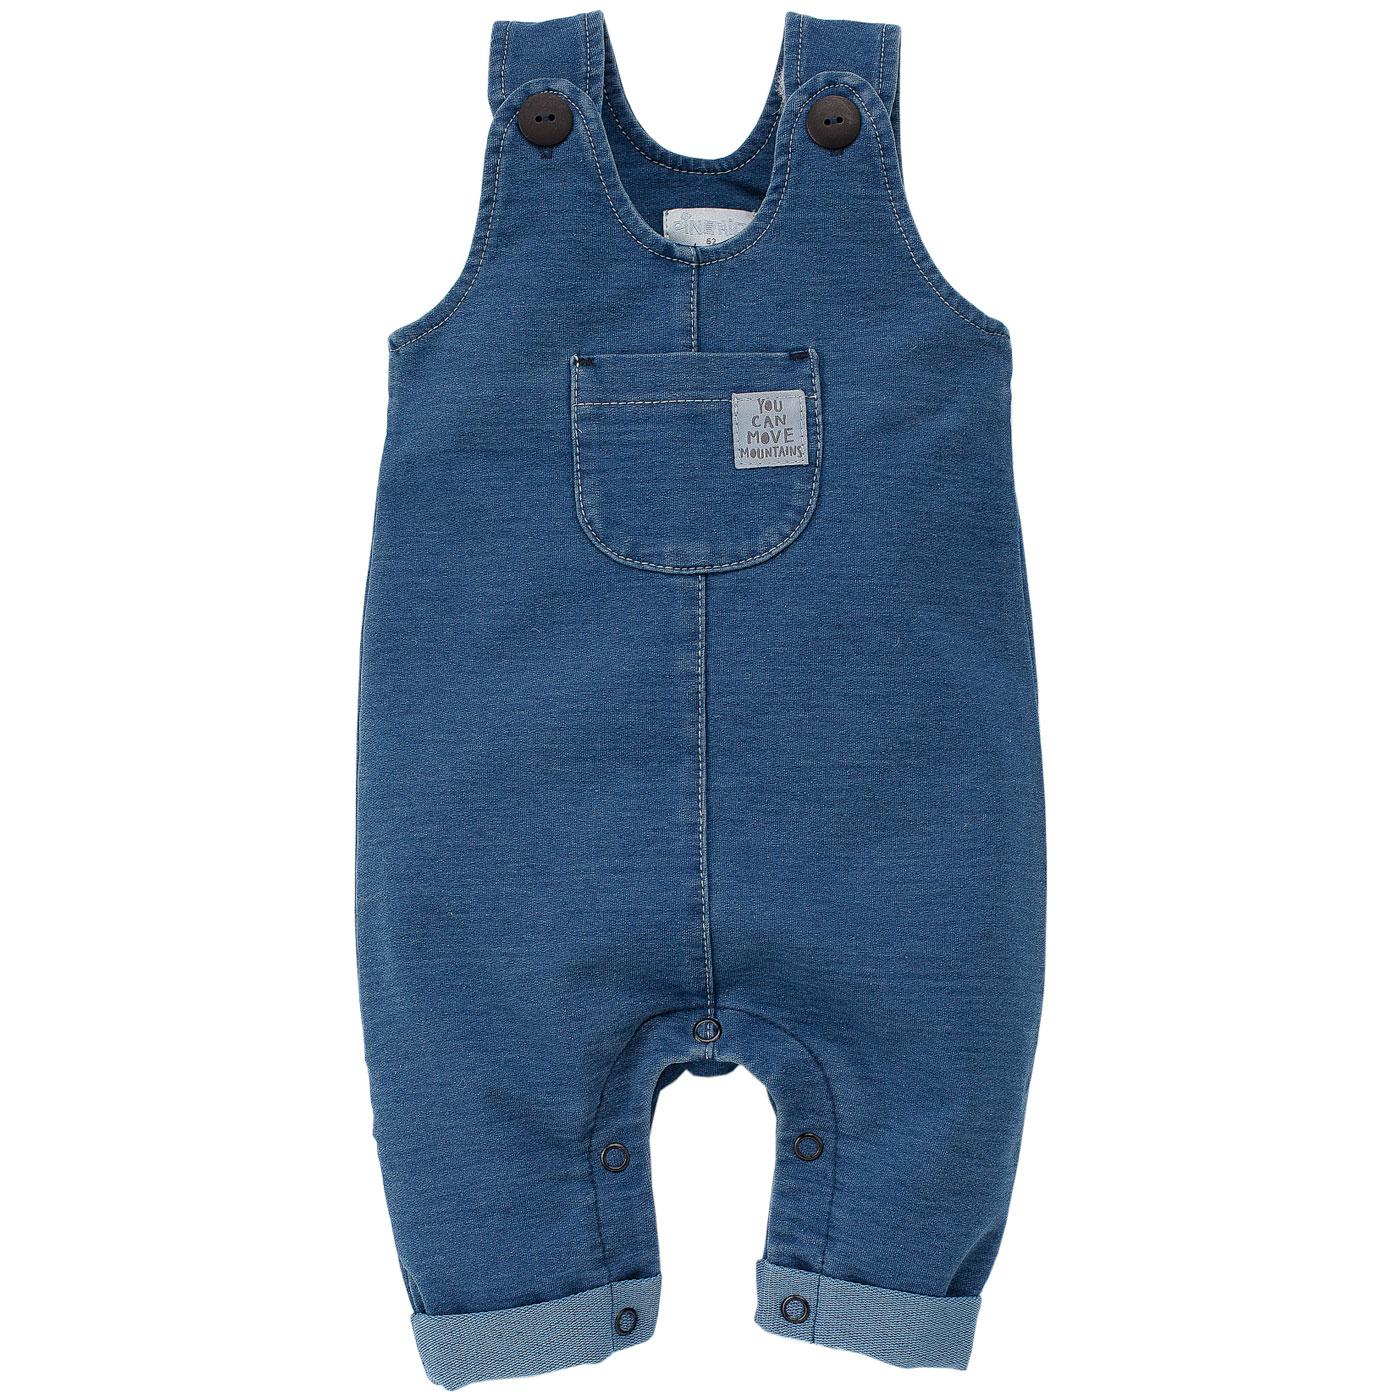 e5229c24 Selebukse North, blå – Little Bunny – baby og barneklær.